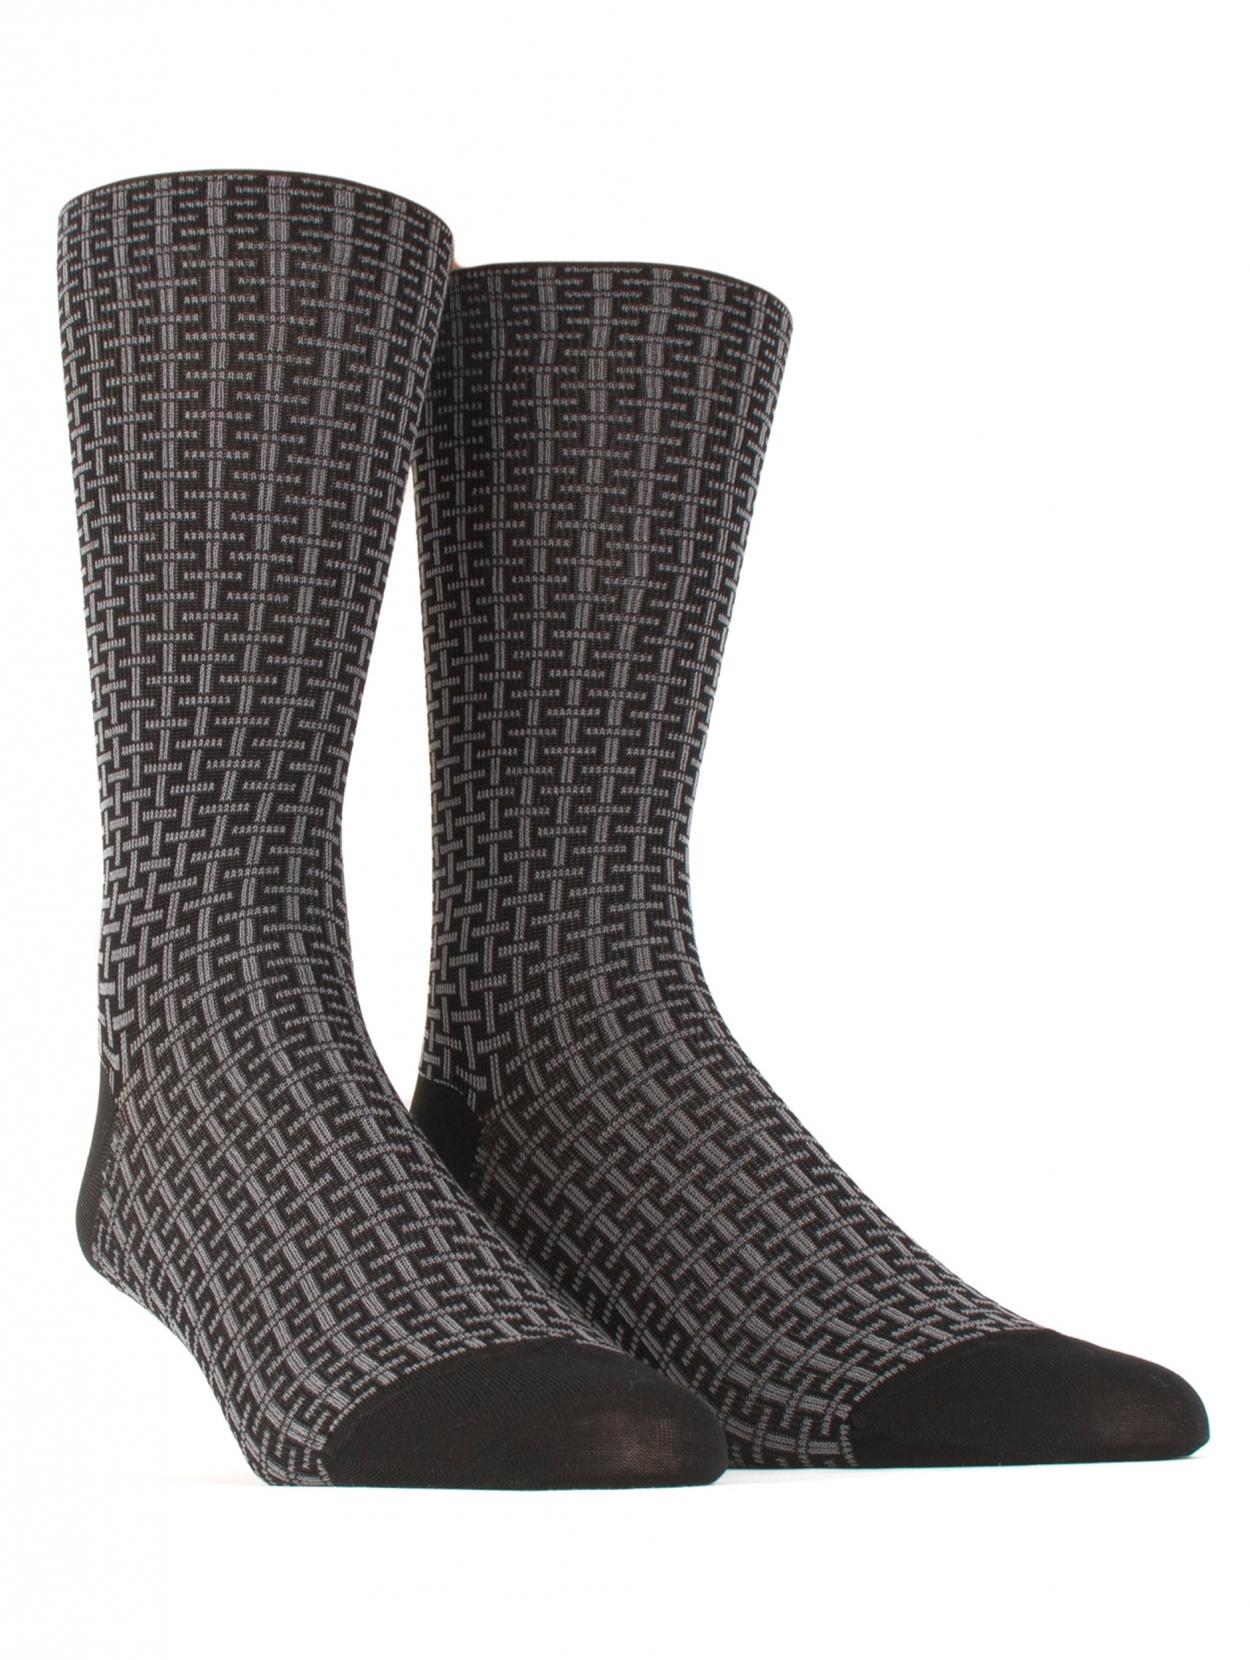 Fil d'Ecosse Bord Elastique Sock